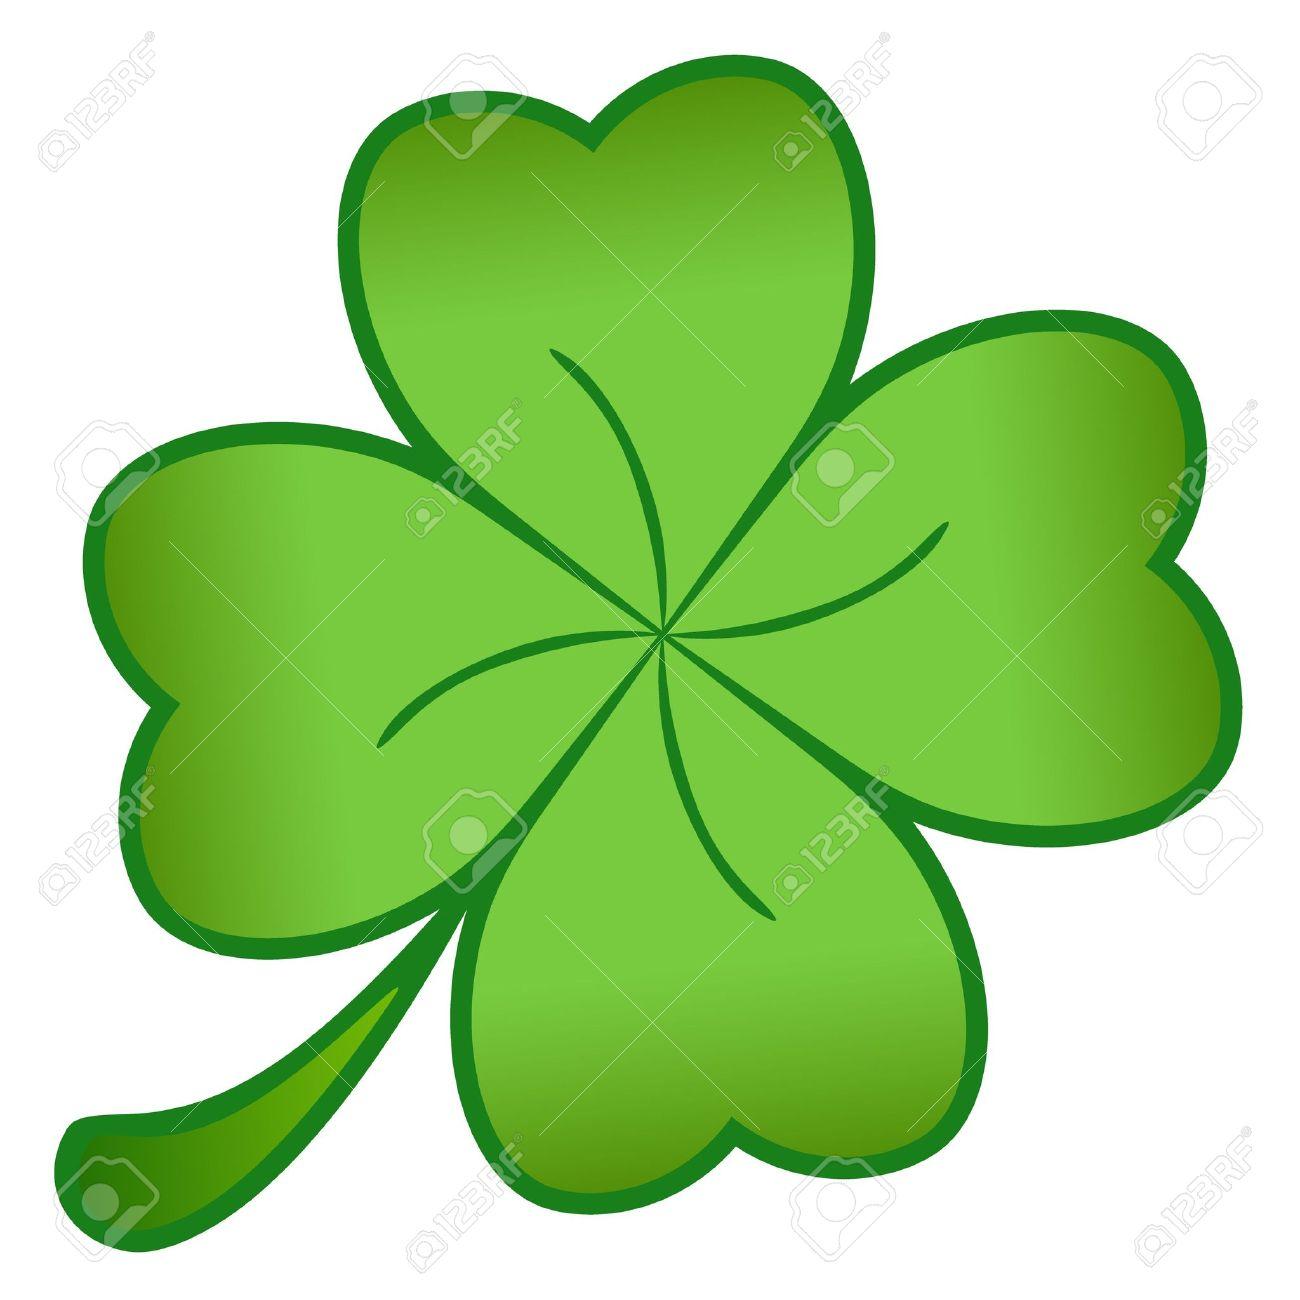 Ein Grünes Kleeblatt Isoliert Auf Weißem Hintergrund Lizenzfreie